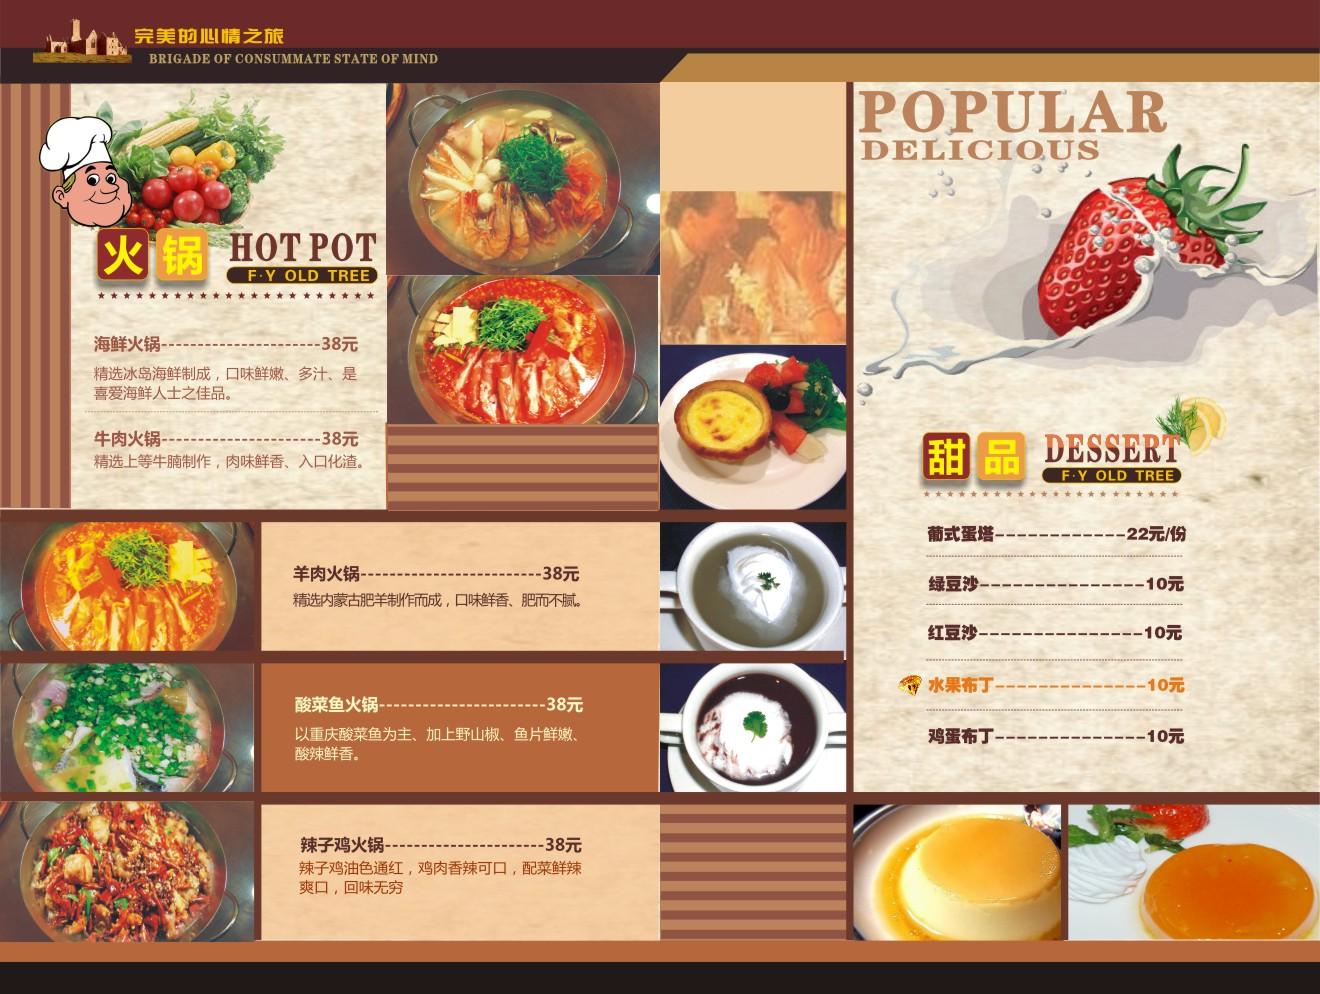 13菜谱册西餐 西餐厅菜单 咖啡店菜单 东南亚料理